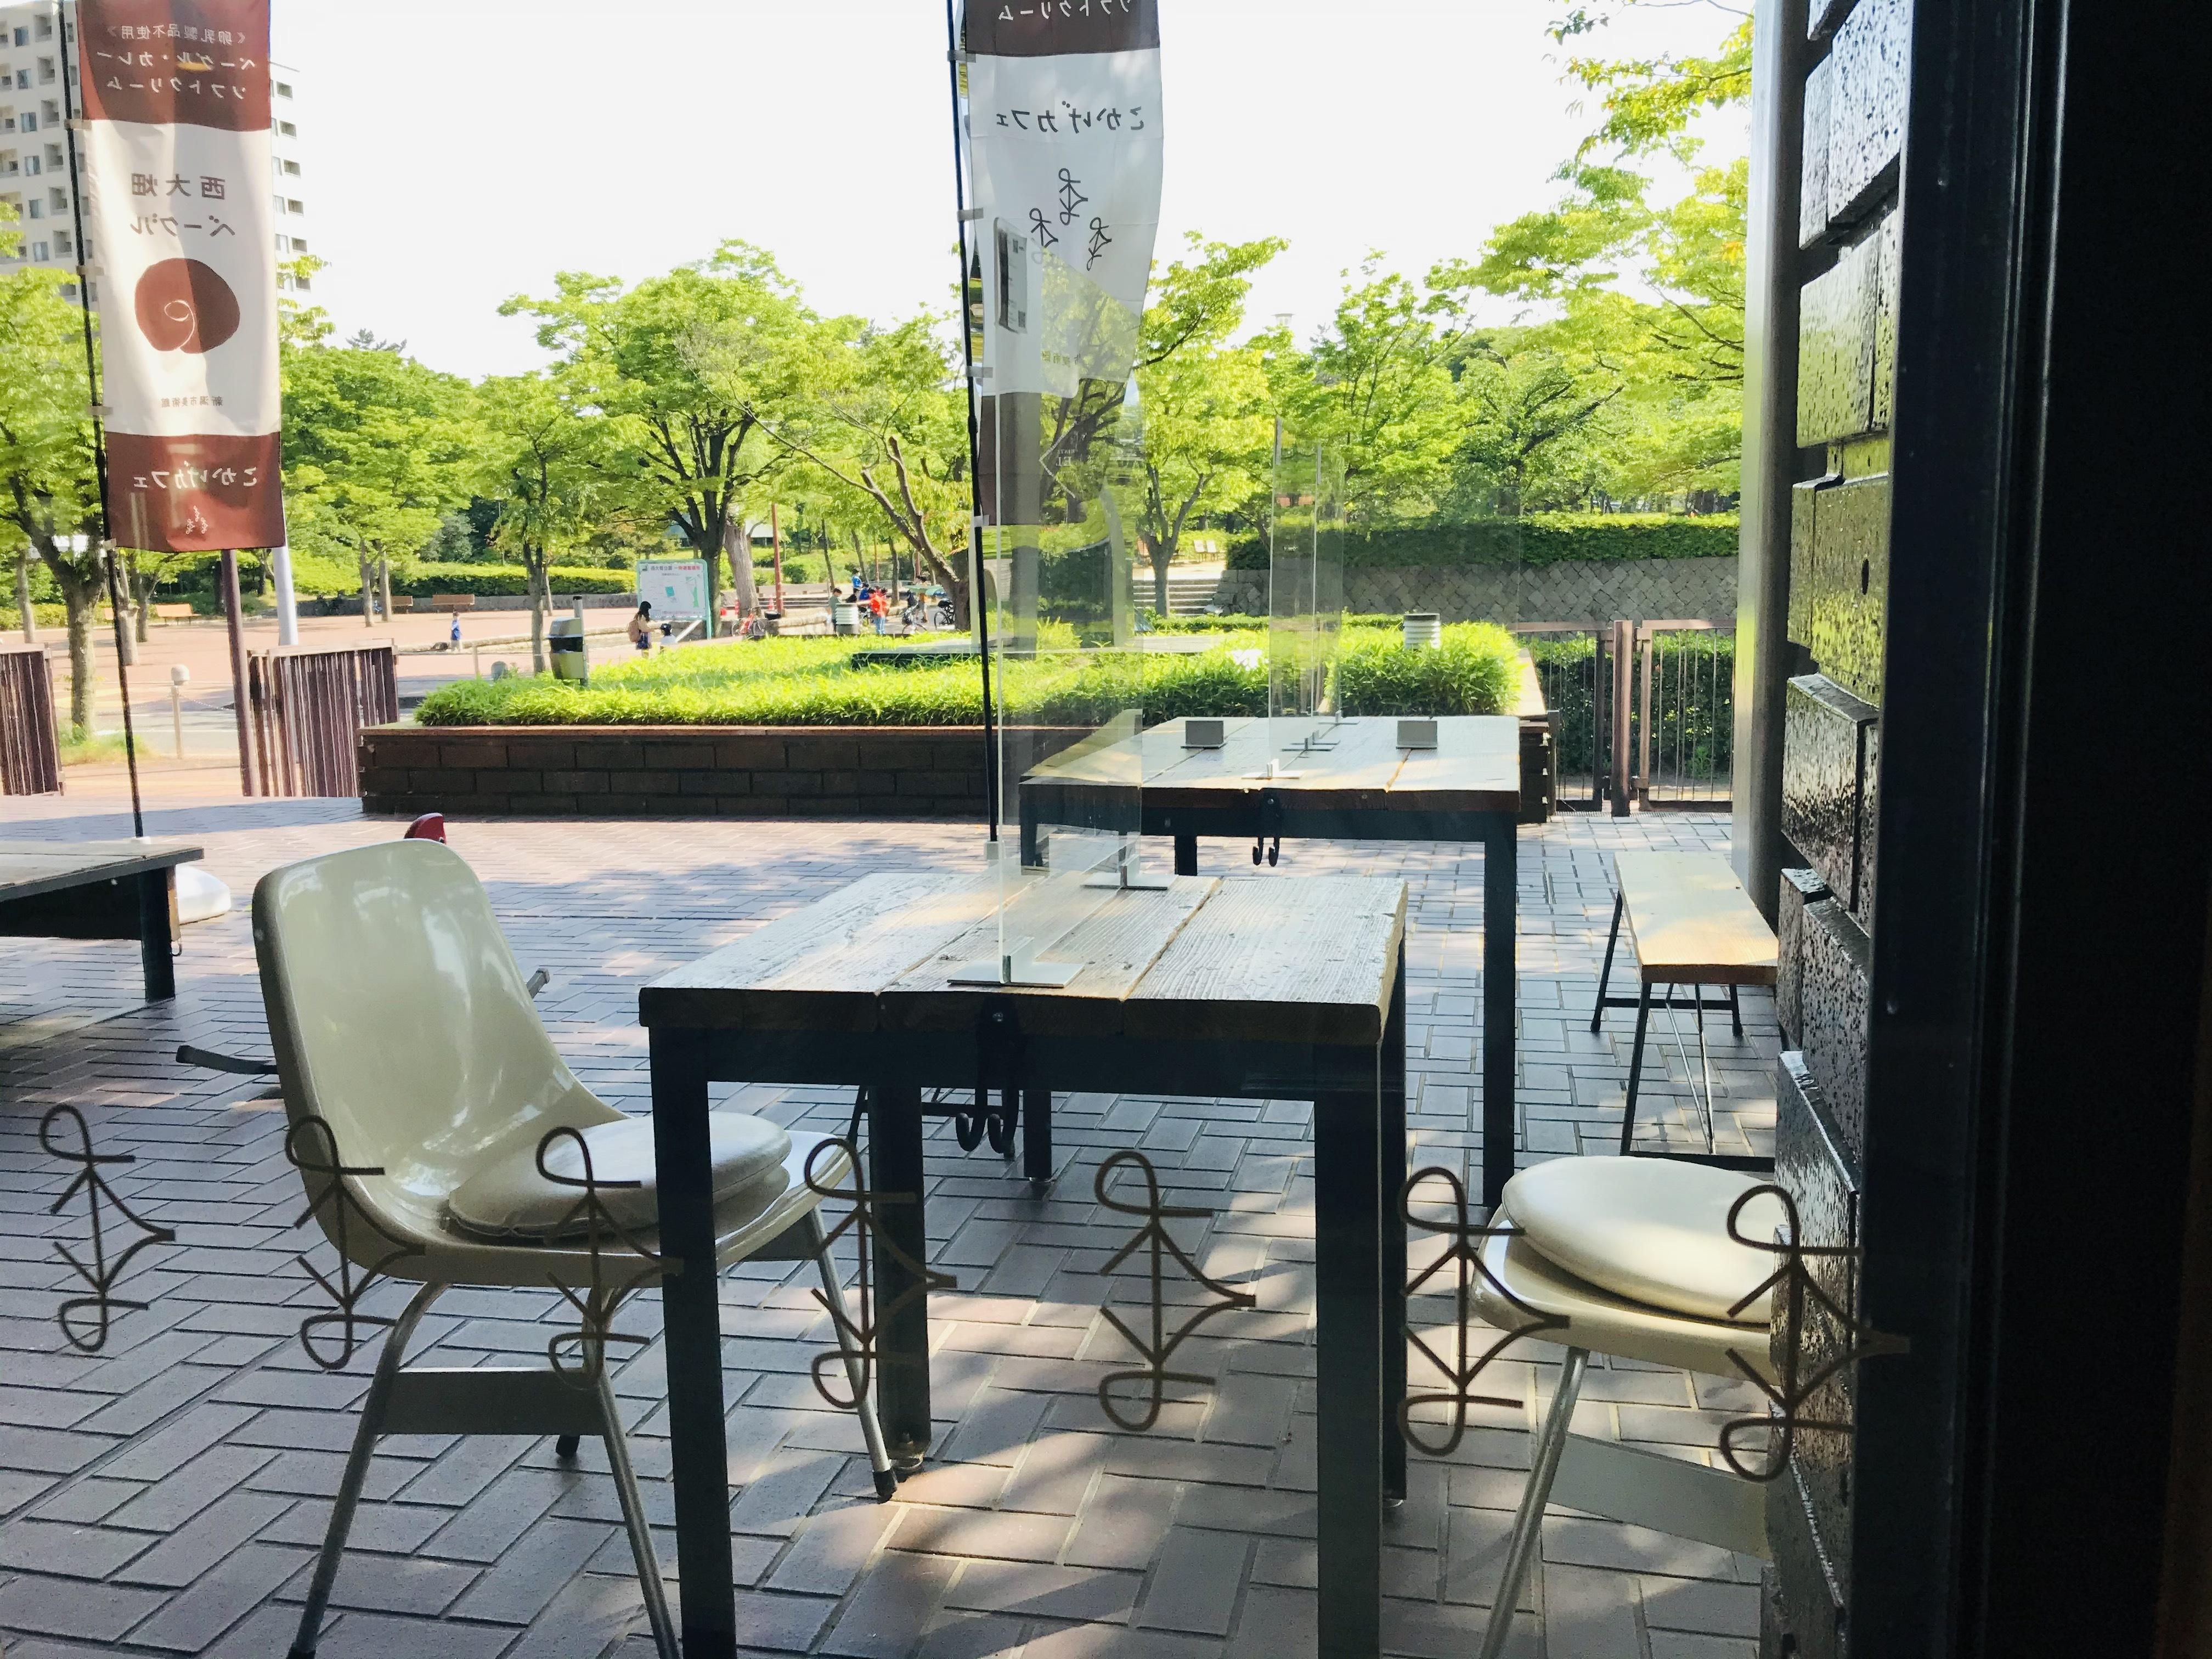 新潟市美術館こかげカフェテラス